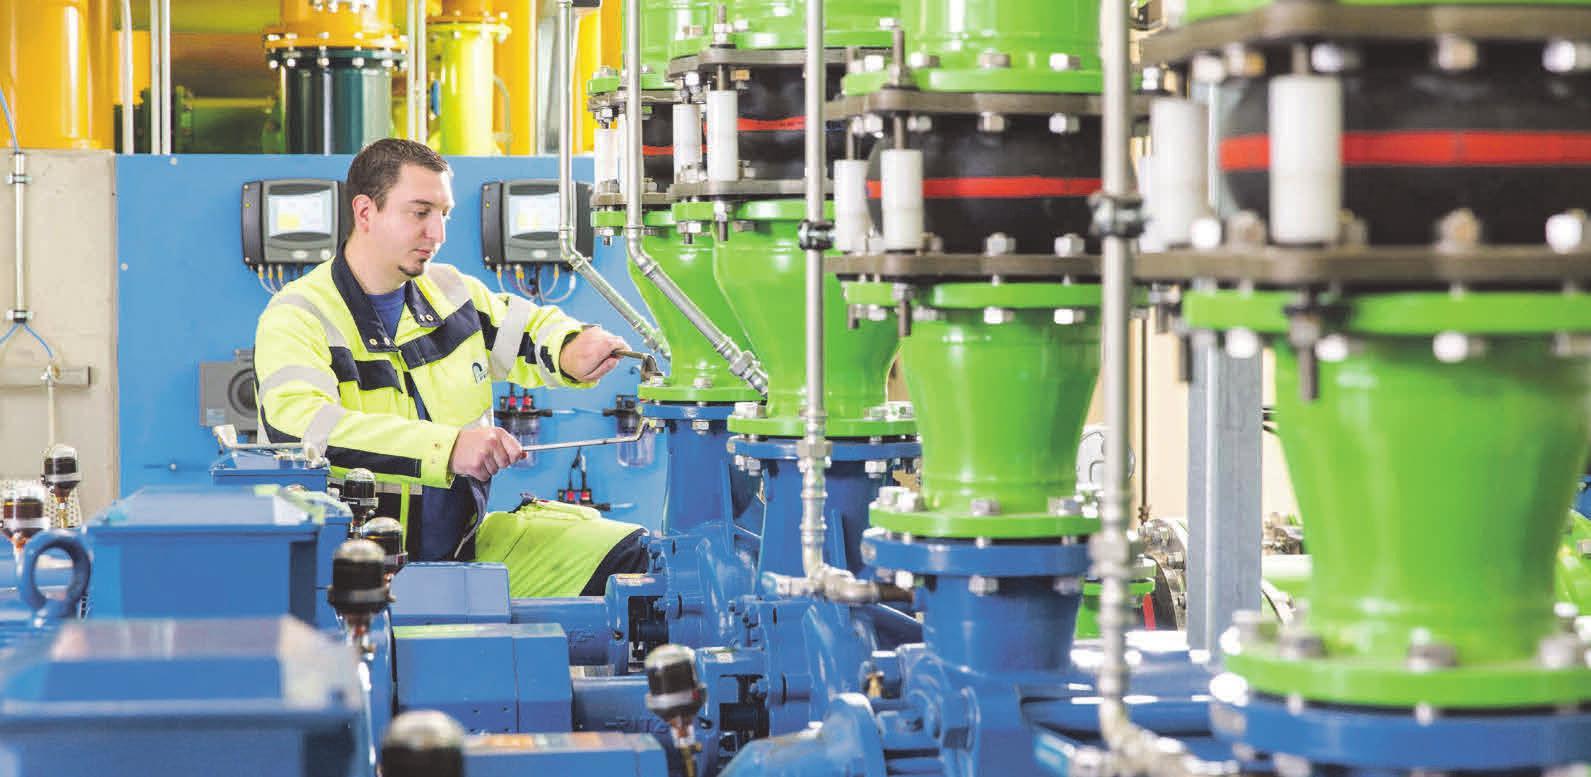 Nachhaltige Konzepte – dafür steht der Wasserverband Peine. Geschäftsführer Olaf Schröder (links) plant mit seinen Kollegen zum langfristigen Nutzen von Mensch und Umwelt. Fotos: Wasserverband Peine